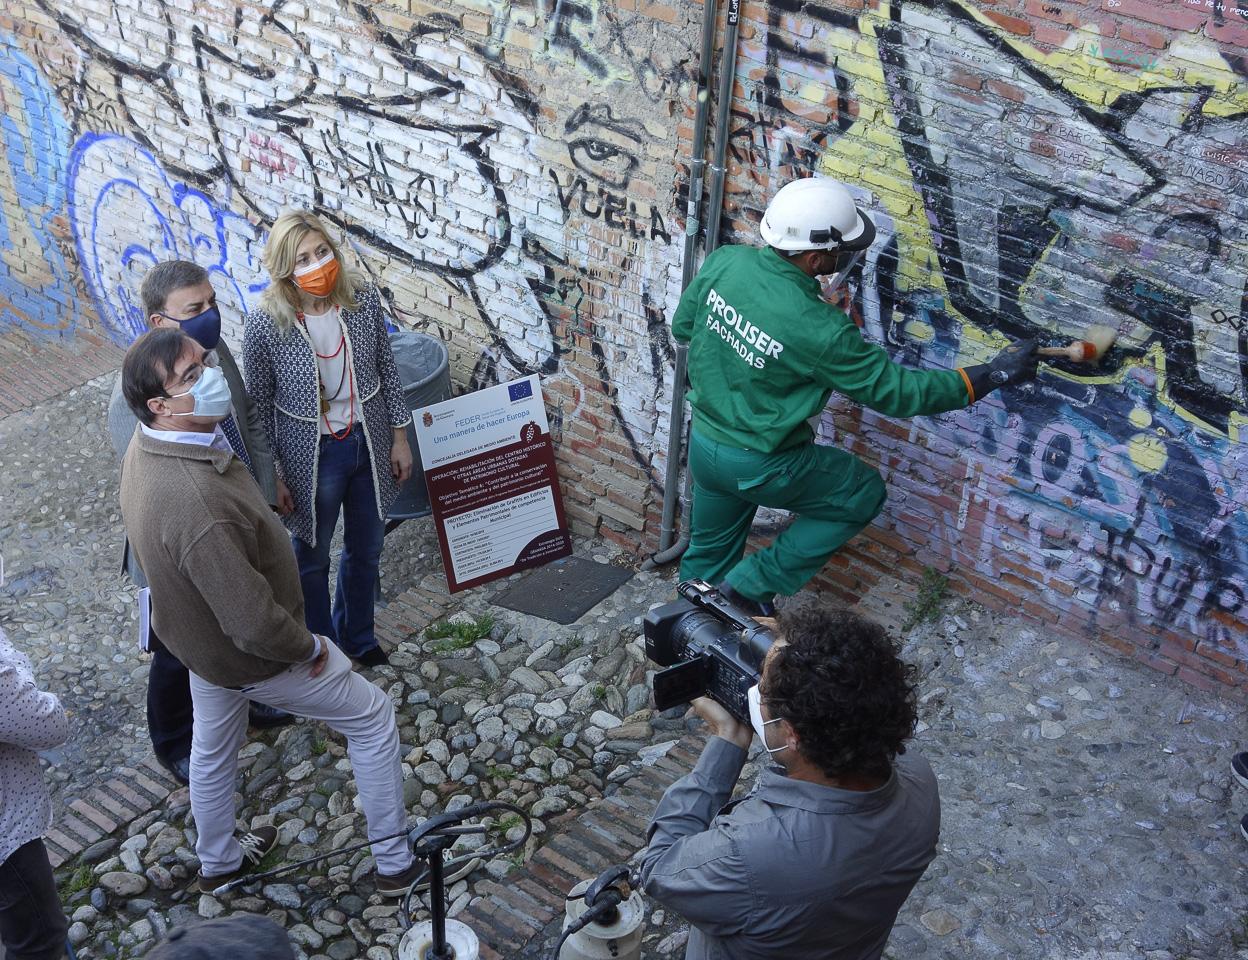 Comienzan los trabajos para limpiar 112 edificios de pintadas vandálicas